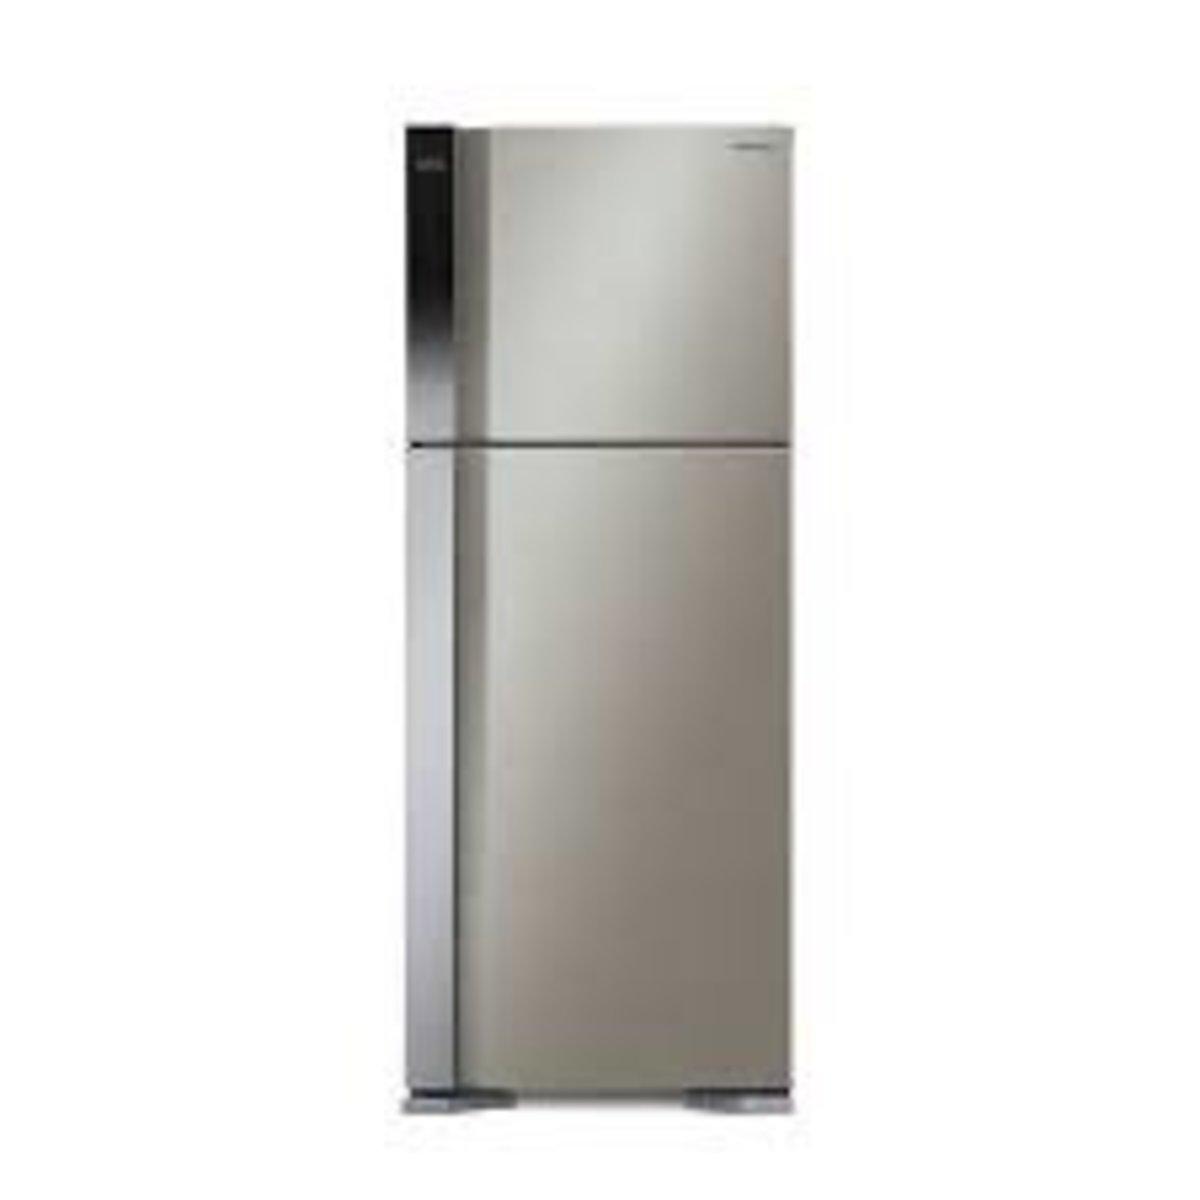 HITACHI R-V541P7H 437L Top-freezer 2-door Refrigerator(Brilliant Silver)